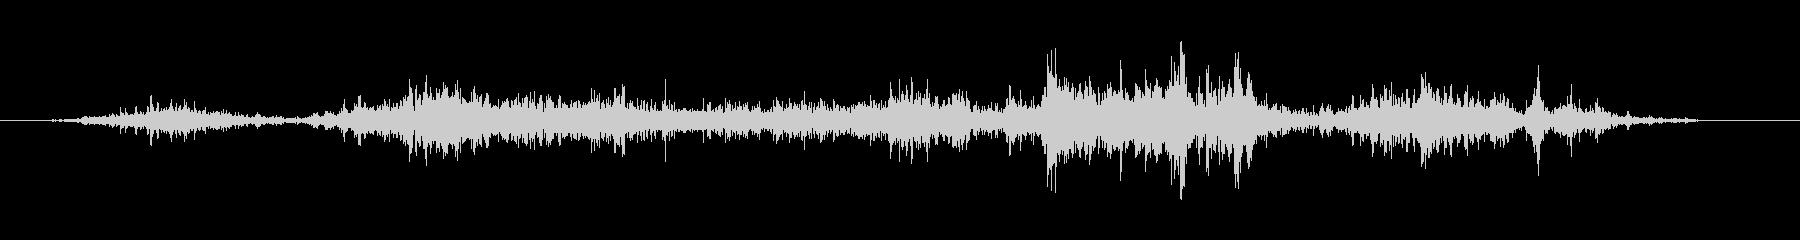 ゴミ スイープロックス01の未再生の波形